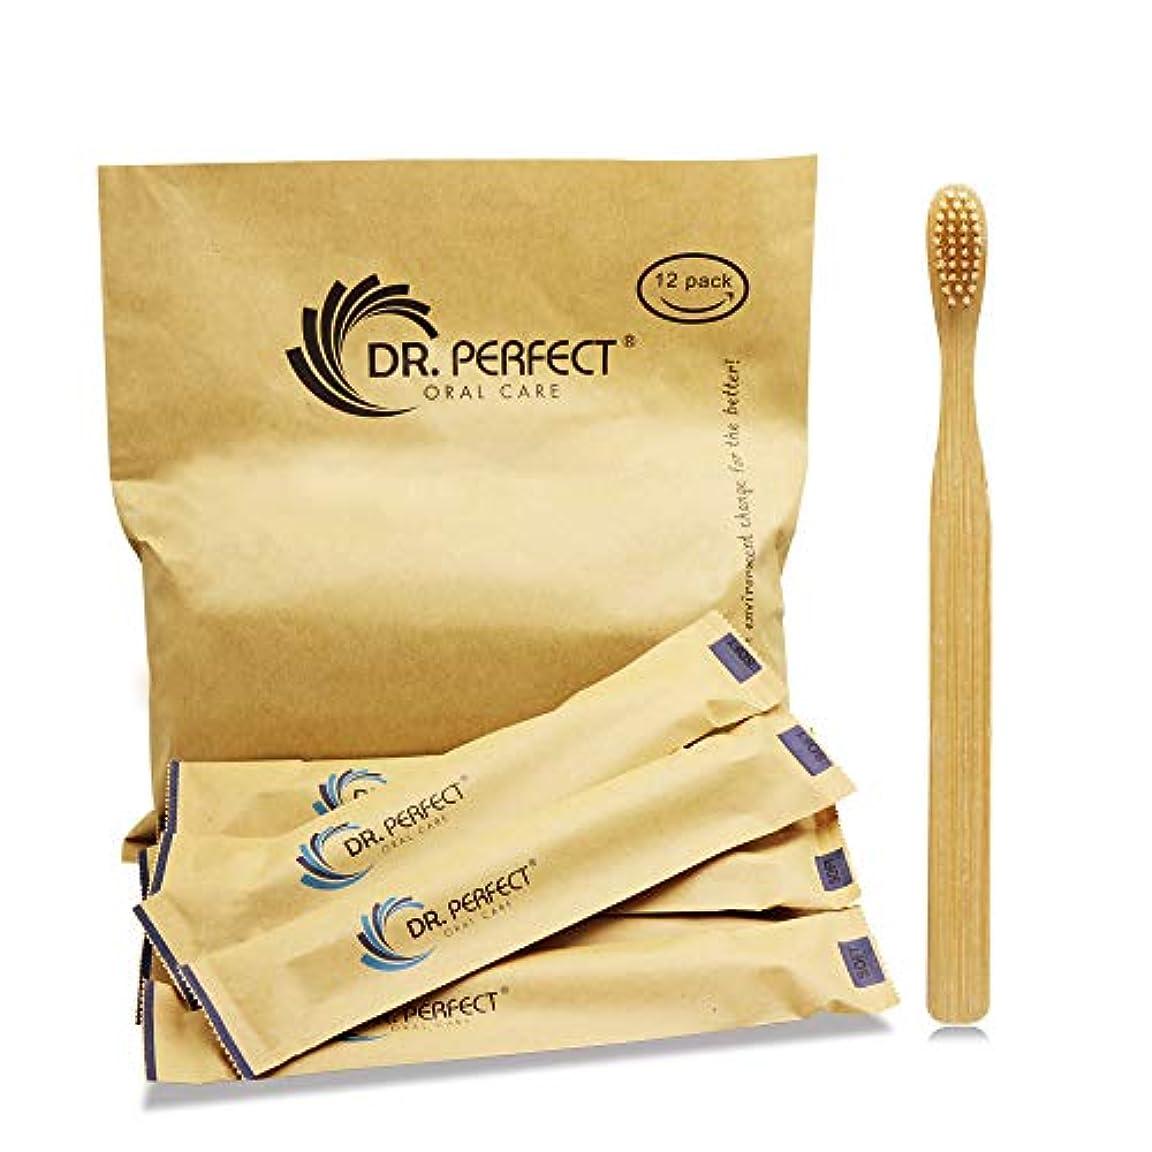 ロードハウスしてはいけない砂漠DR.PERFECT 竹歯ブラシ柔らかい天然剛毛 竹